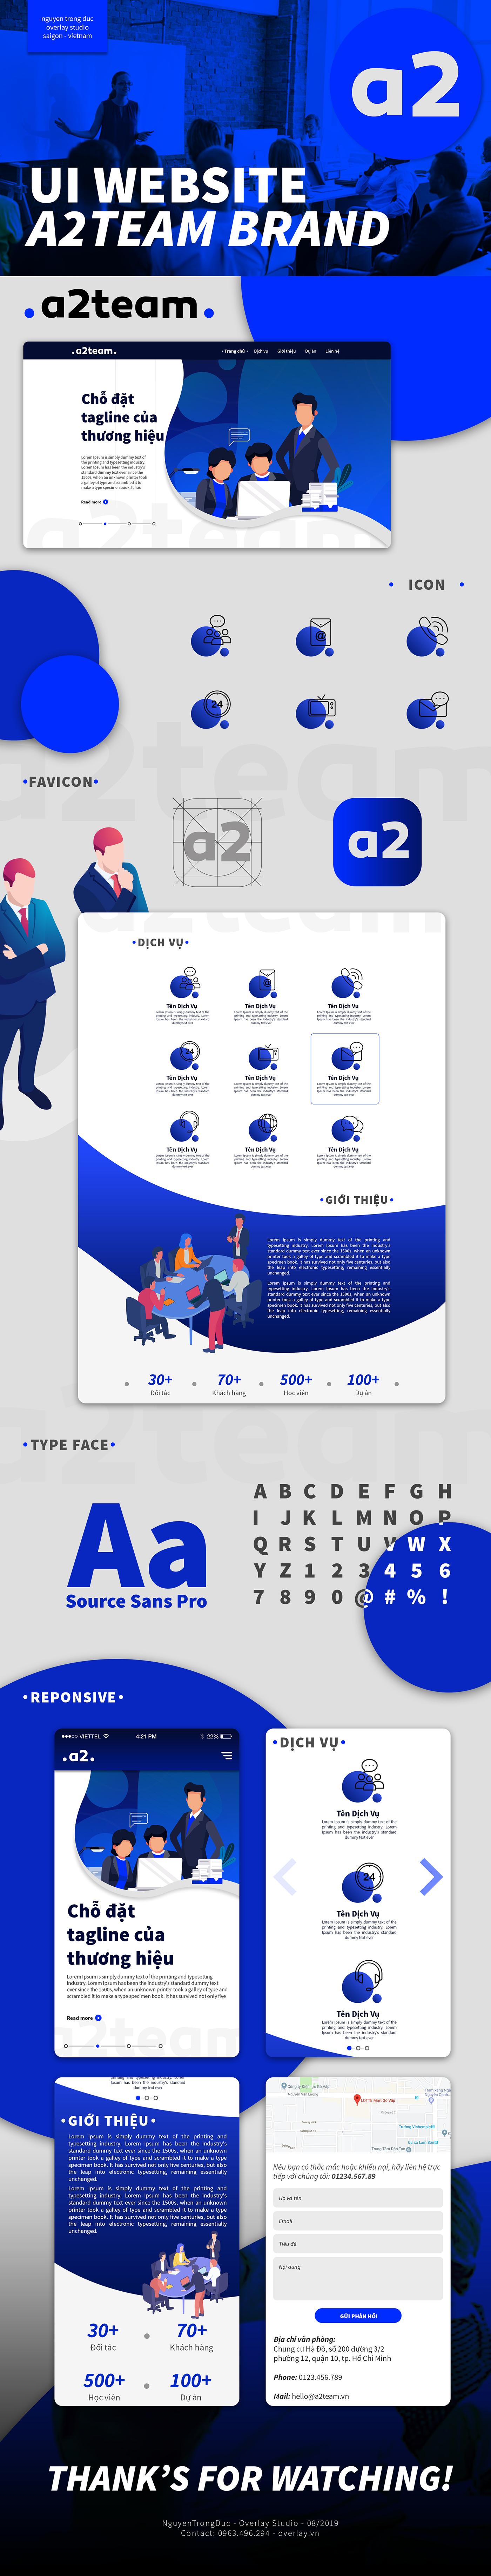 ux/ui Web Design  vietnam Brand Design Logo Design ui design UI WEBSITE ui appmobile UX layout